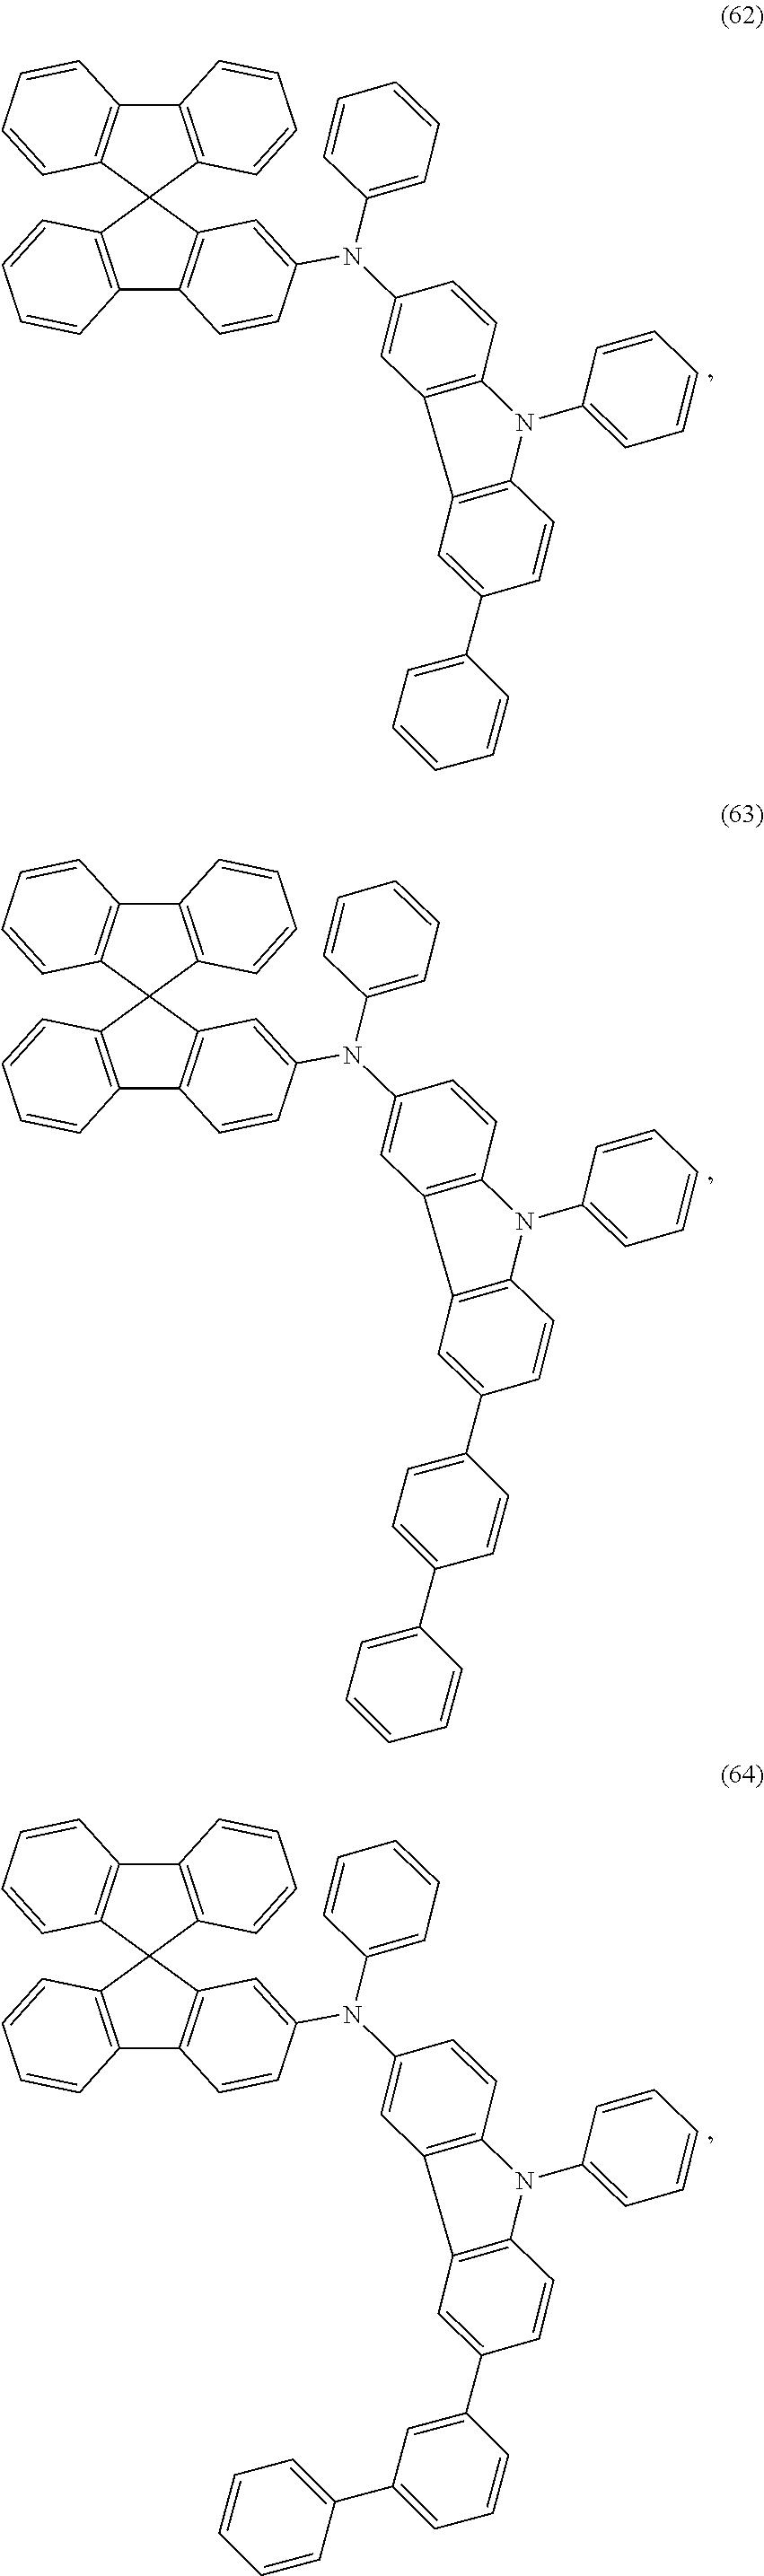 Figure US08704212-20140422-C00057